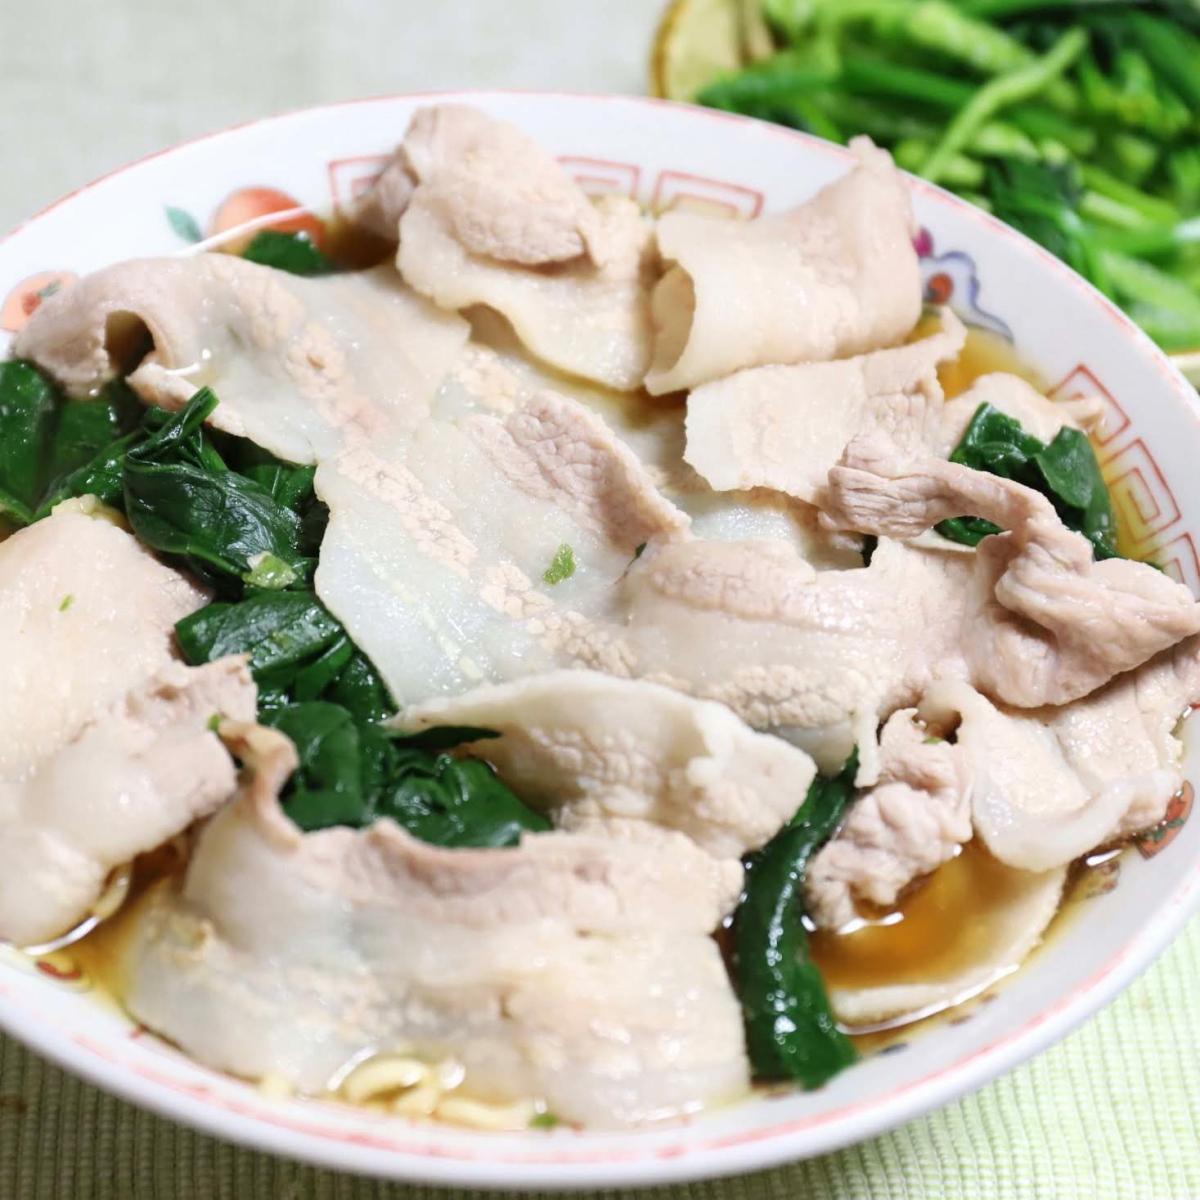 豚バラ肉をトッピングしたサッポロ一番みそラーメン